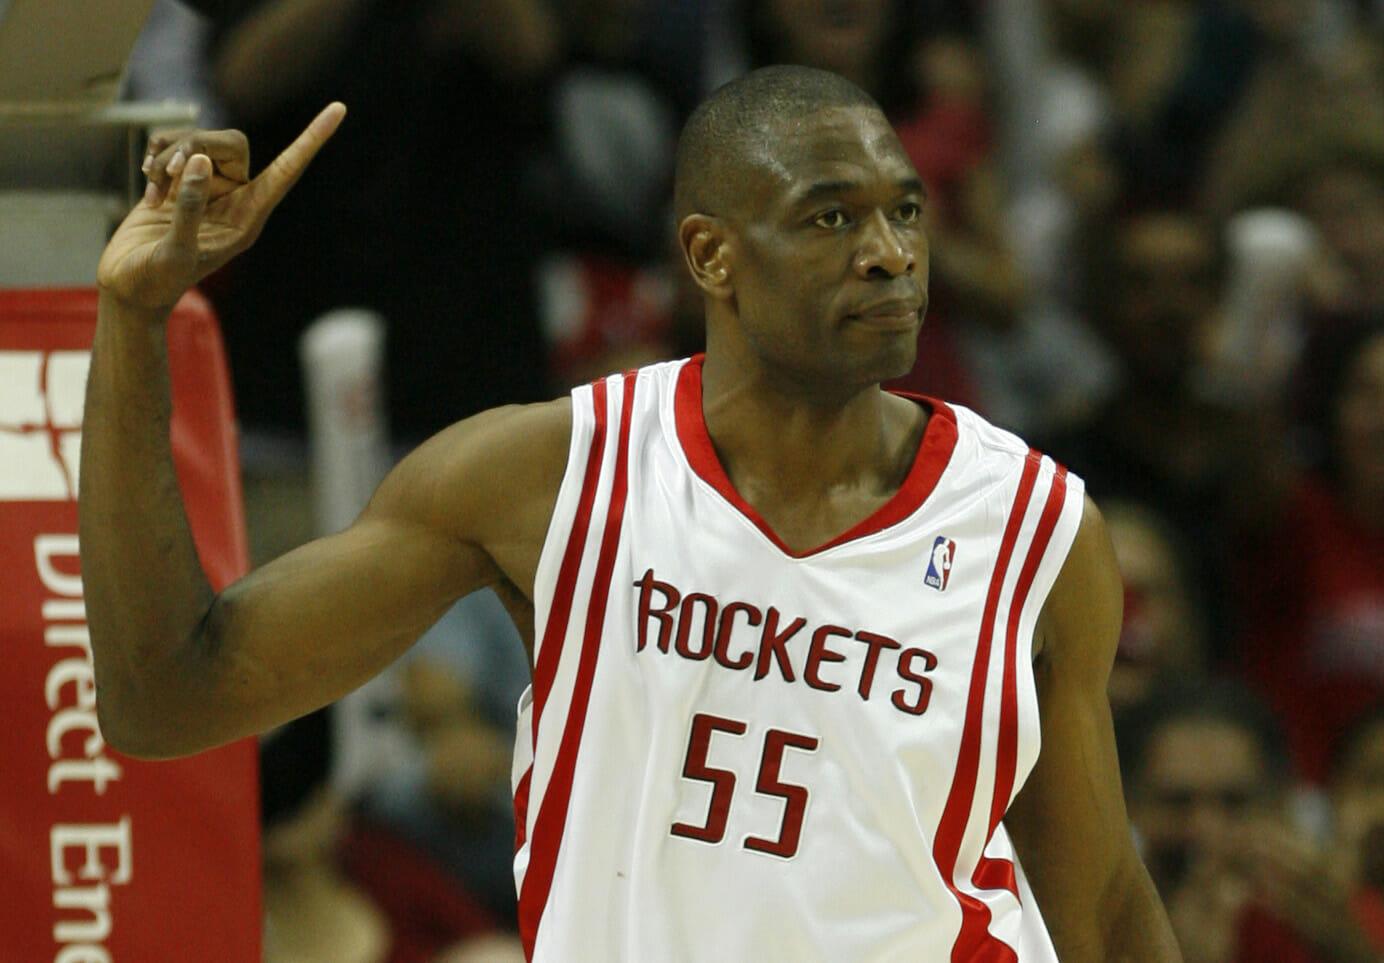 Beside Sport - Les 5 joueurs les plus vieux de l'histoire de la NBA -  -